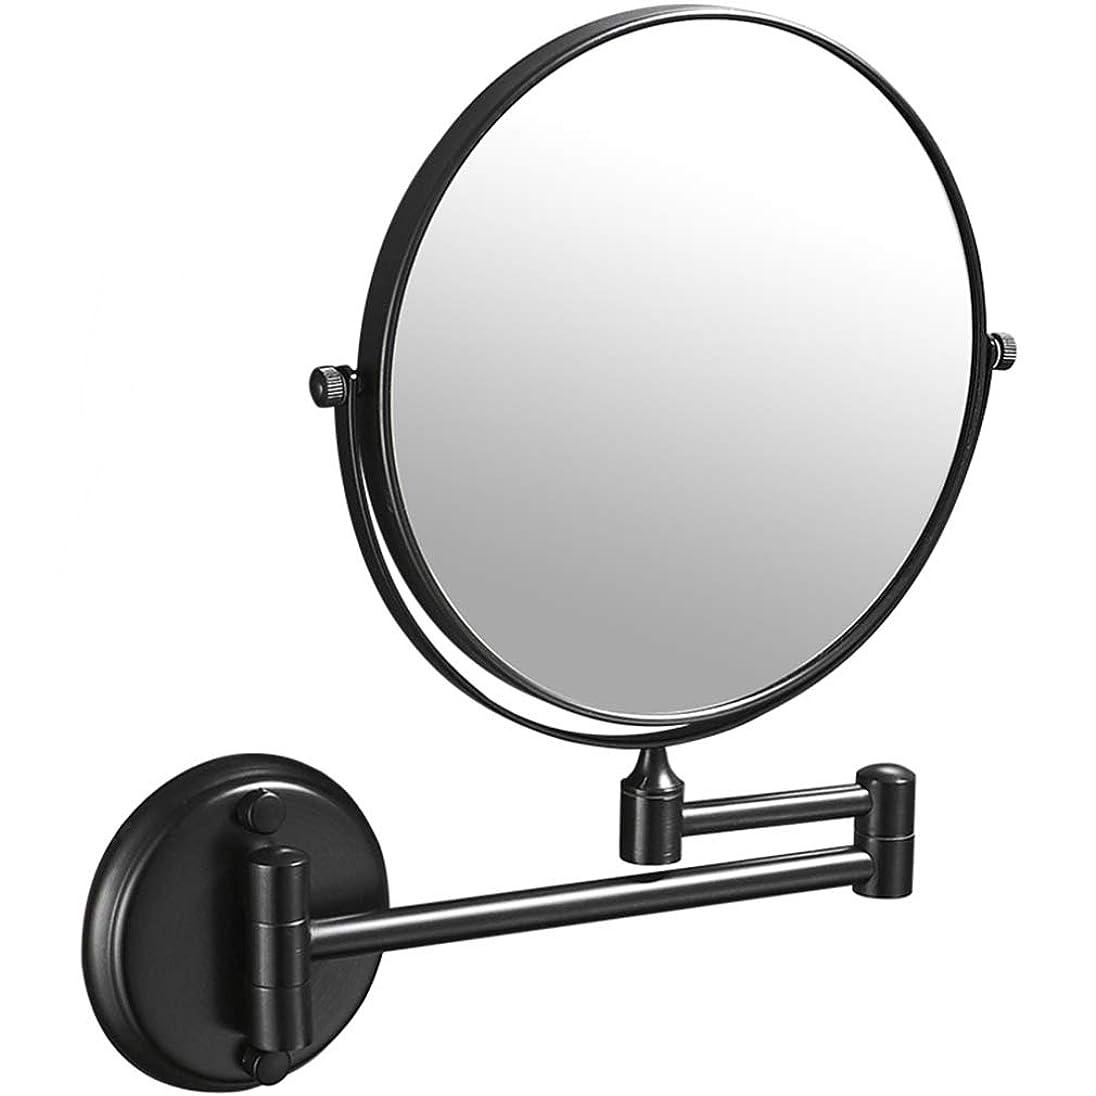 止まる花瓶止まるHUYYA 化粧鏡、3倍拡大 化粧ミラー 両面 壁掛け式バスルームミラー360 °回転 伸縮可能折り けメイクミラー,Black_8inch